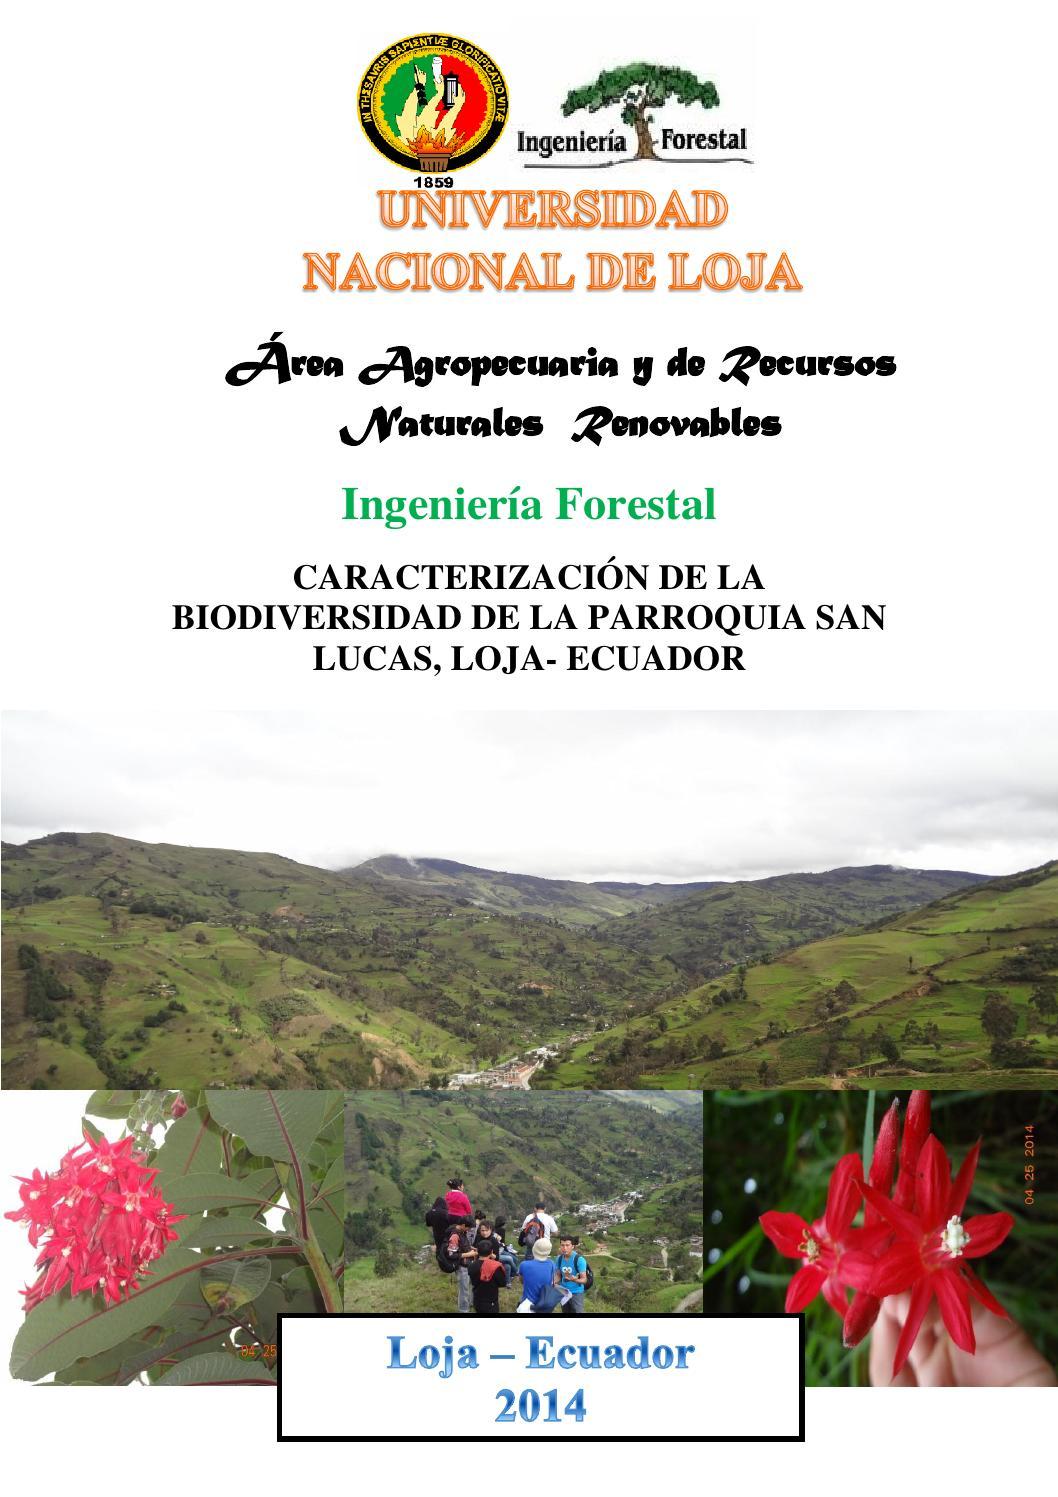 caracterizaci243n de la biodiversidad de la parroquia san